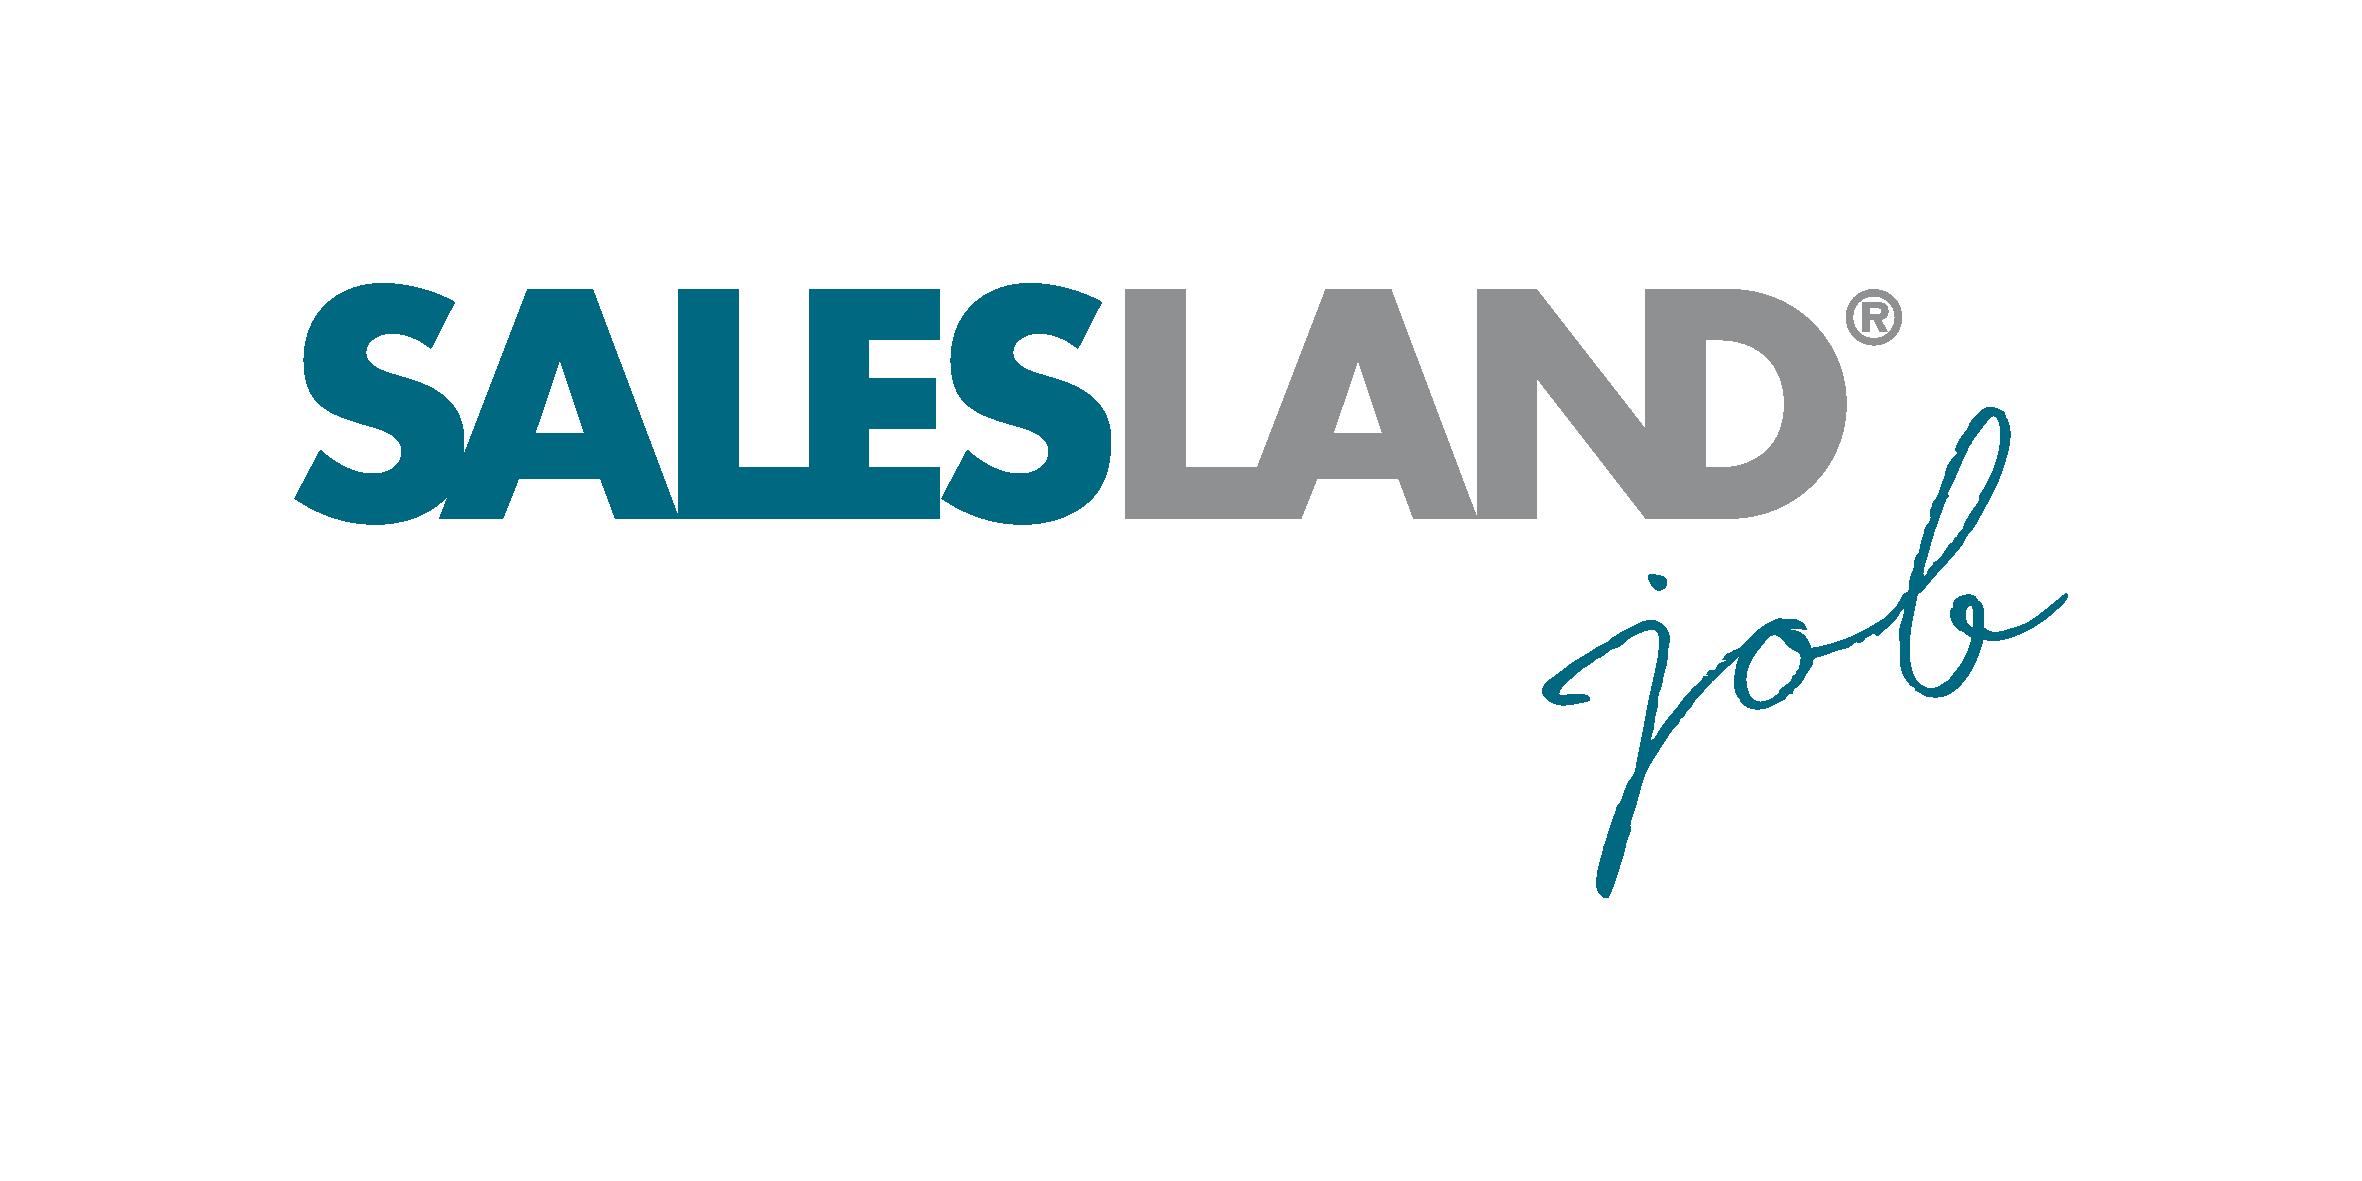 Salesland Job